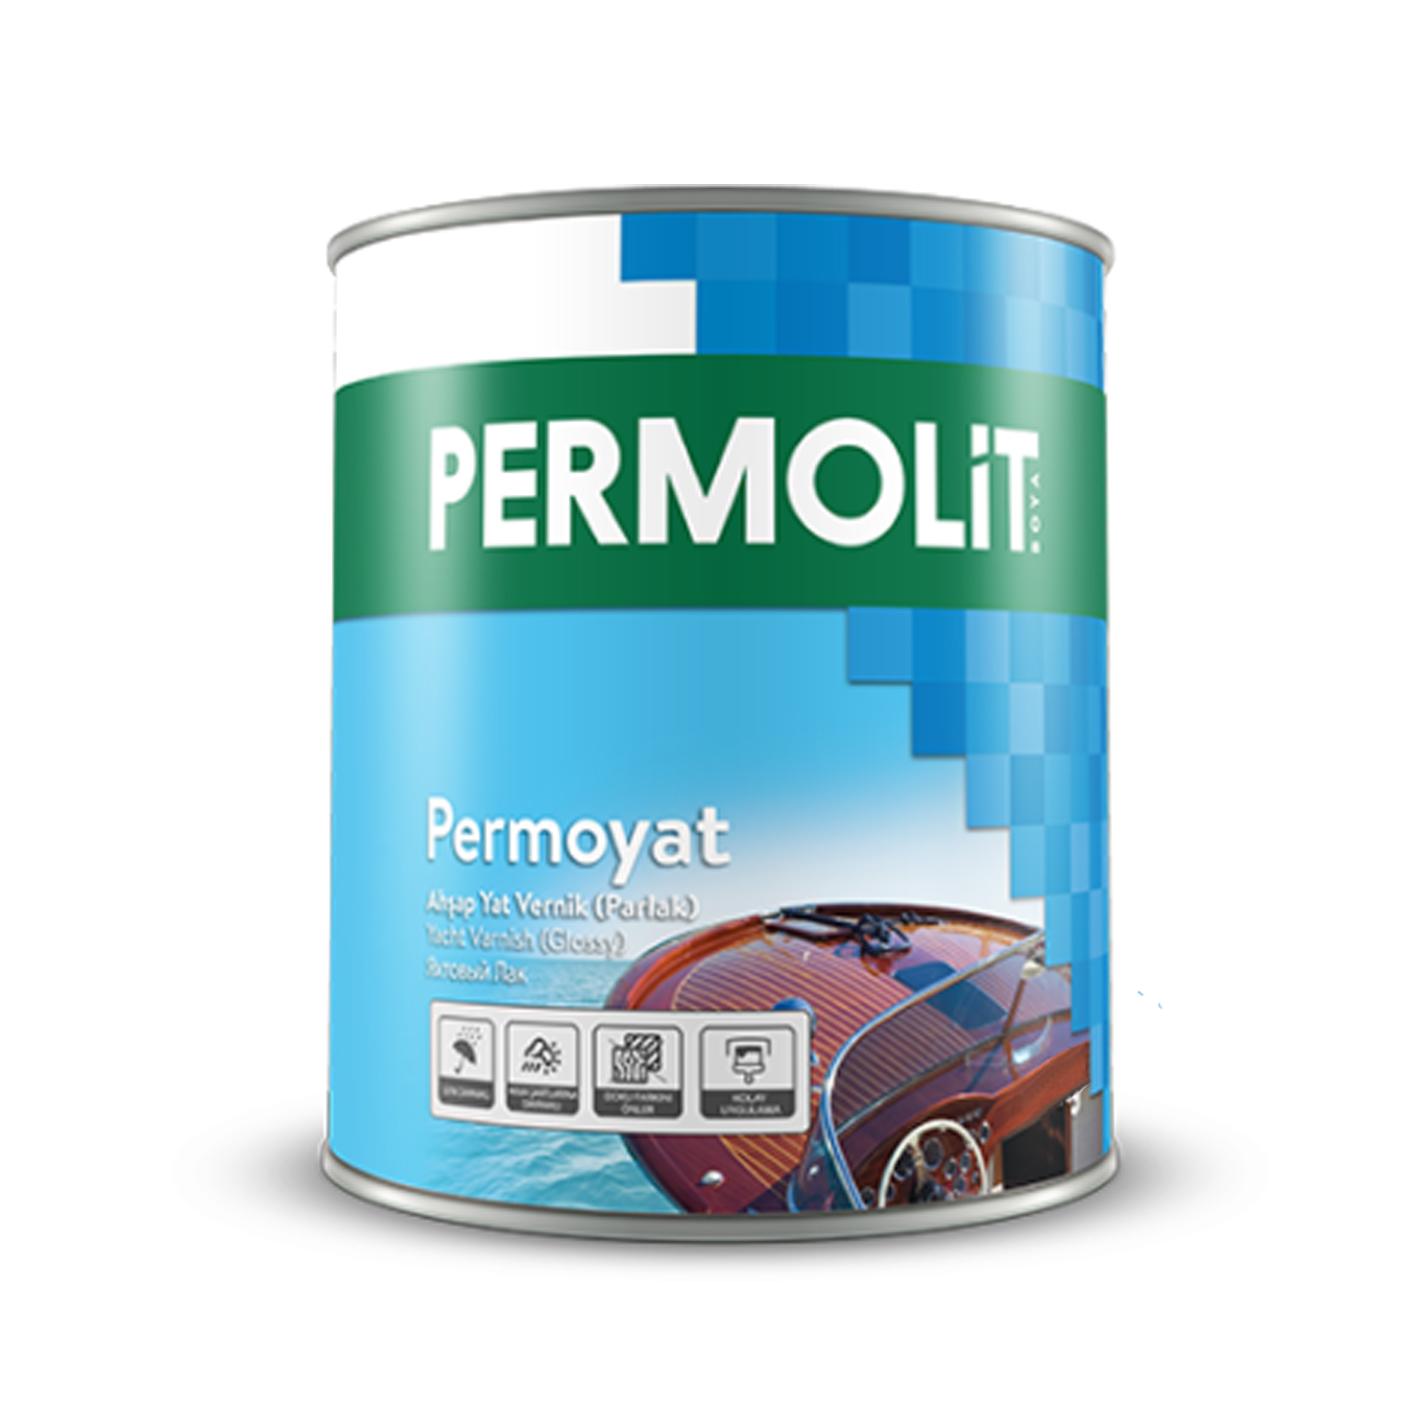 Permolit Permoyat Yat Verniği 0.75Lt